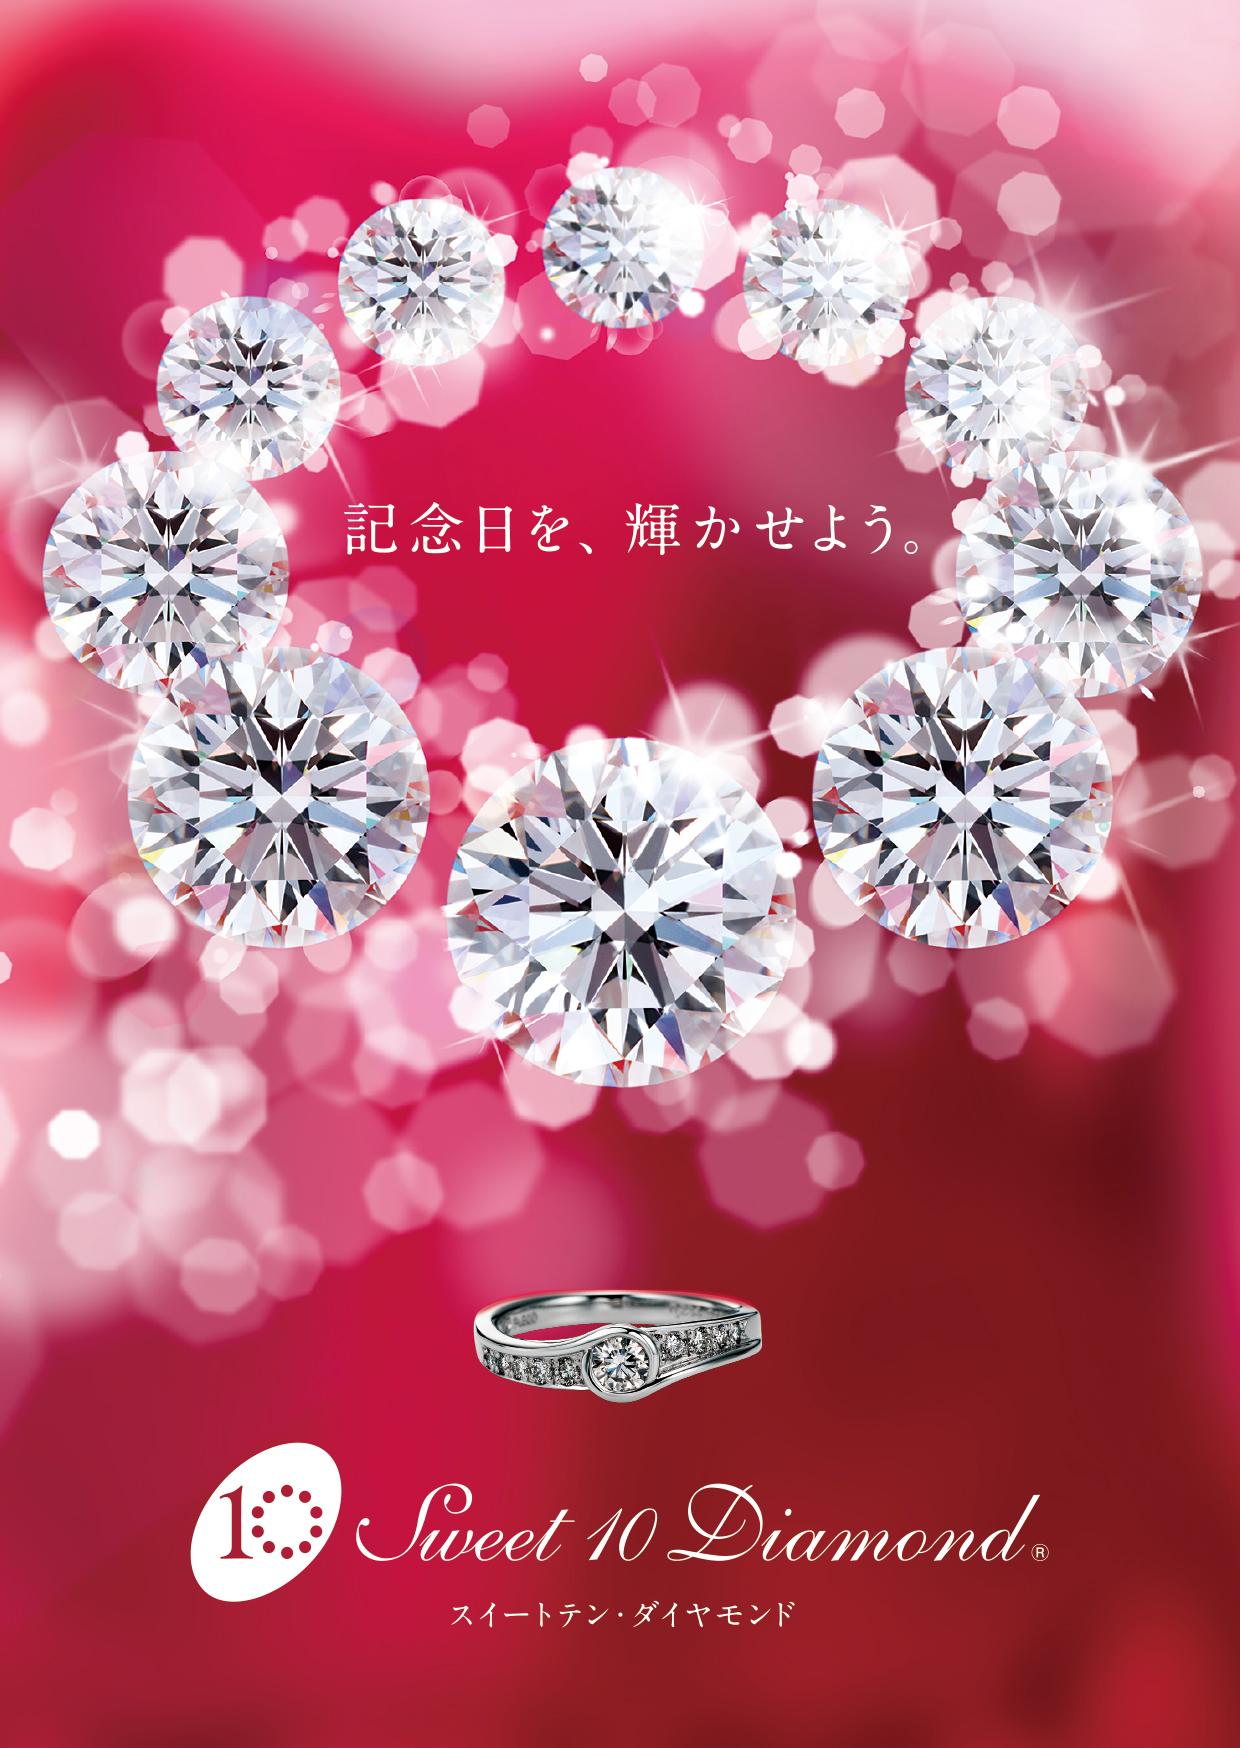 スィート10 ダイヤモンド